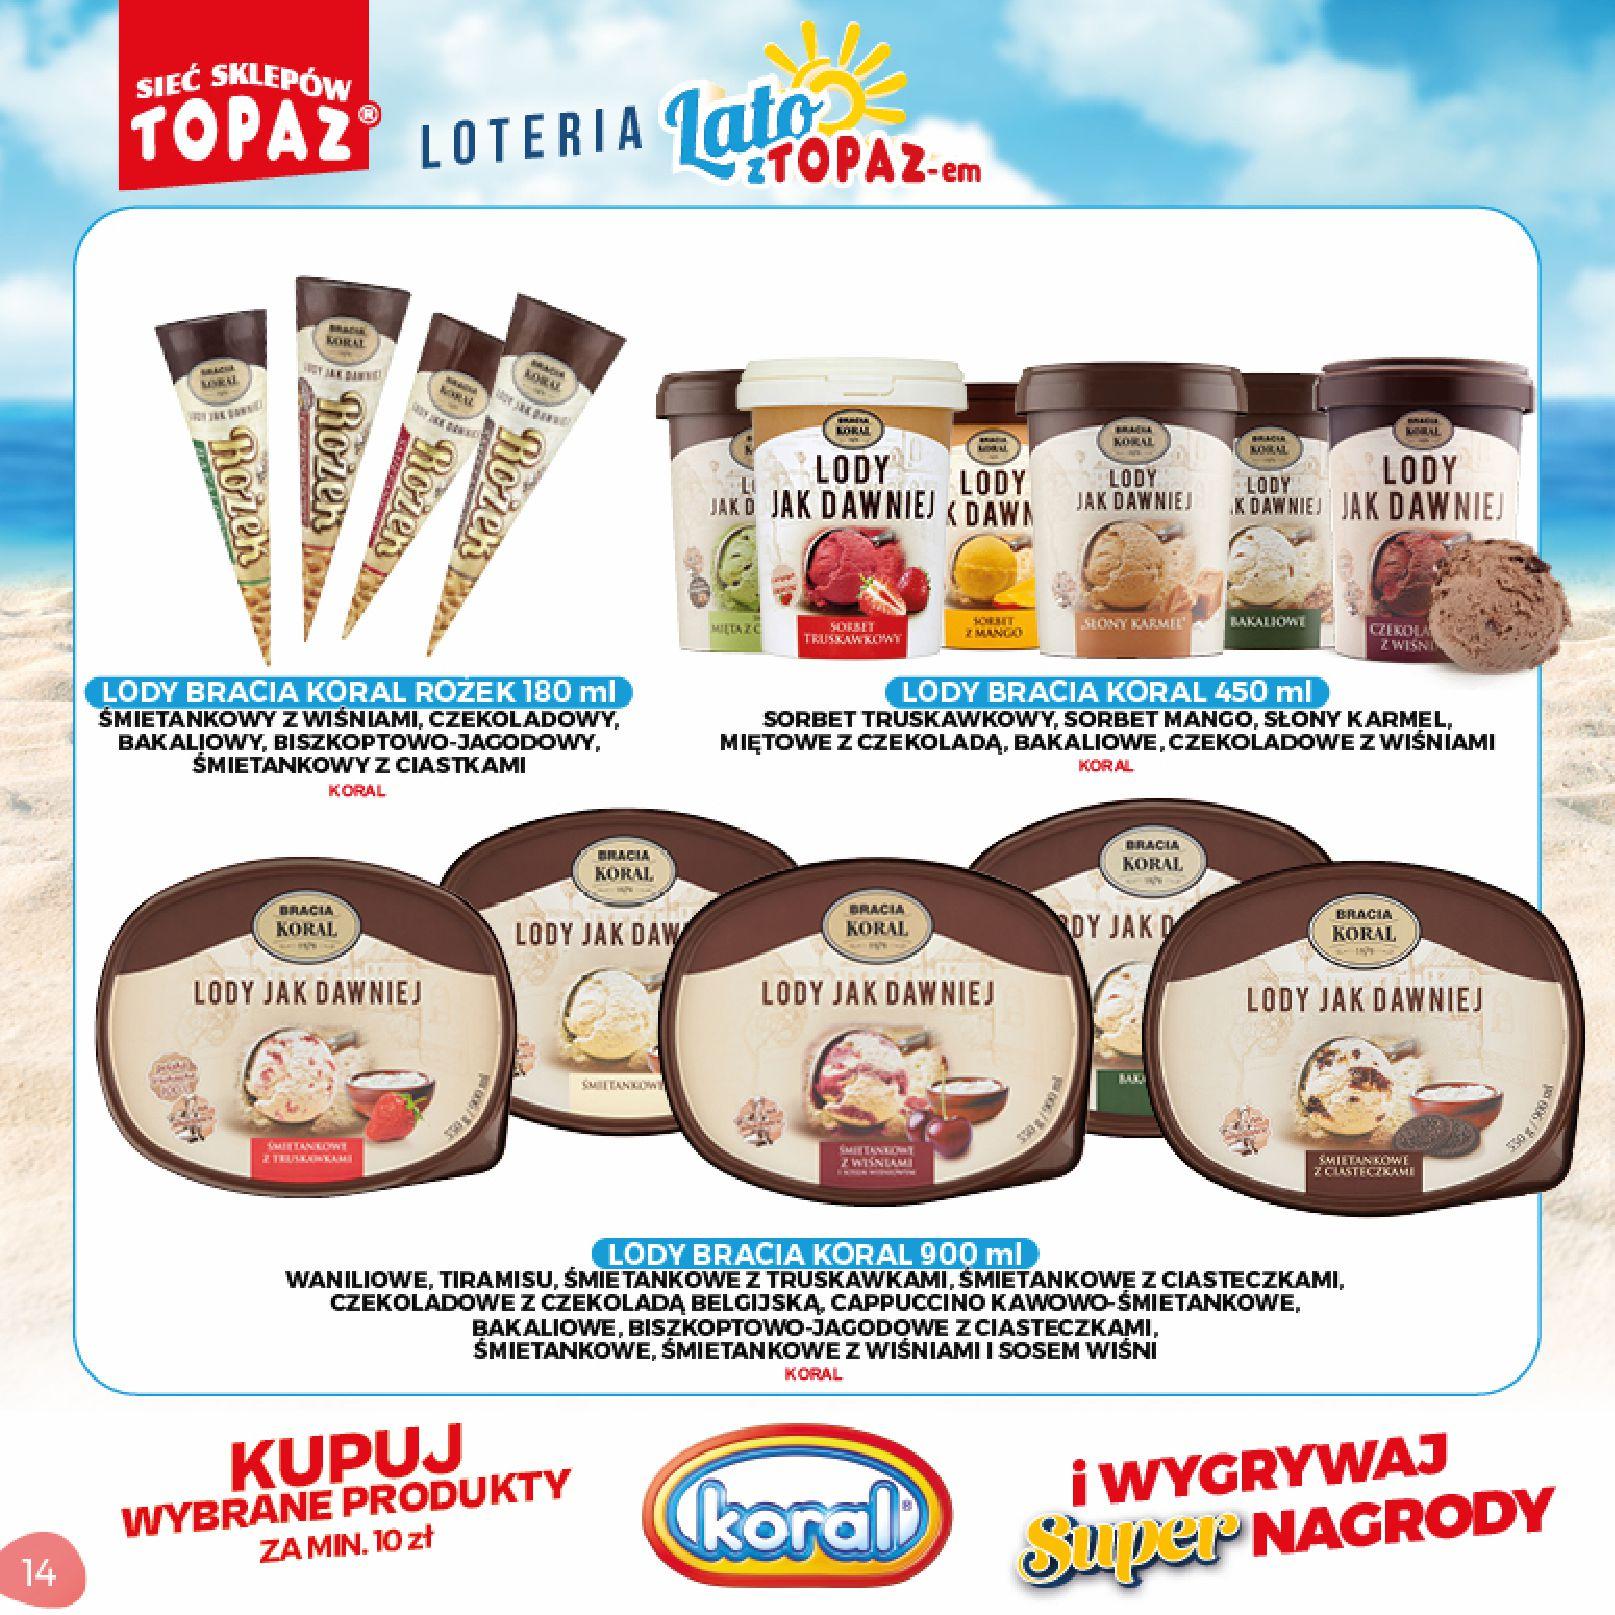 Gazetka TOPAZ: Gazetka TOPAZ - Loteria 2021-07-05 page-14